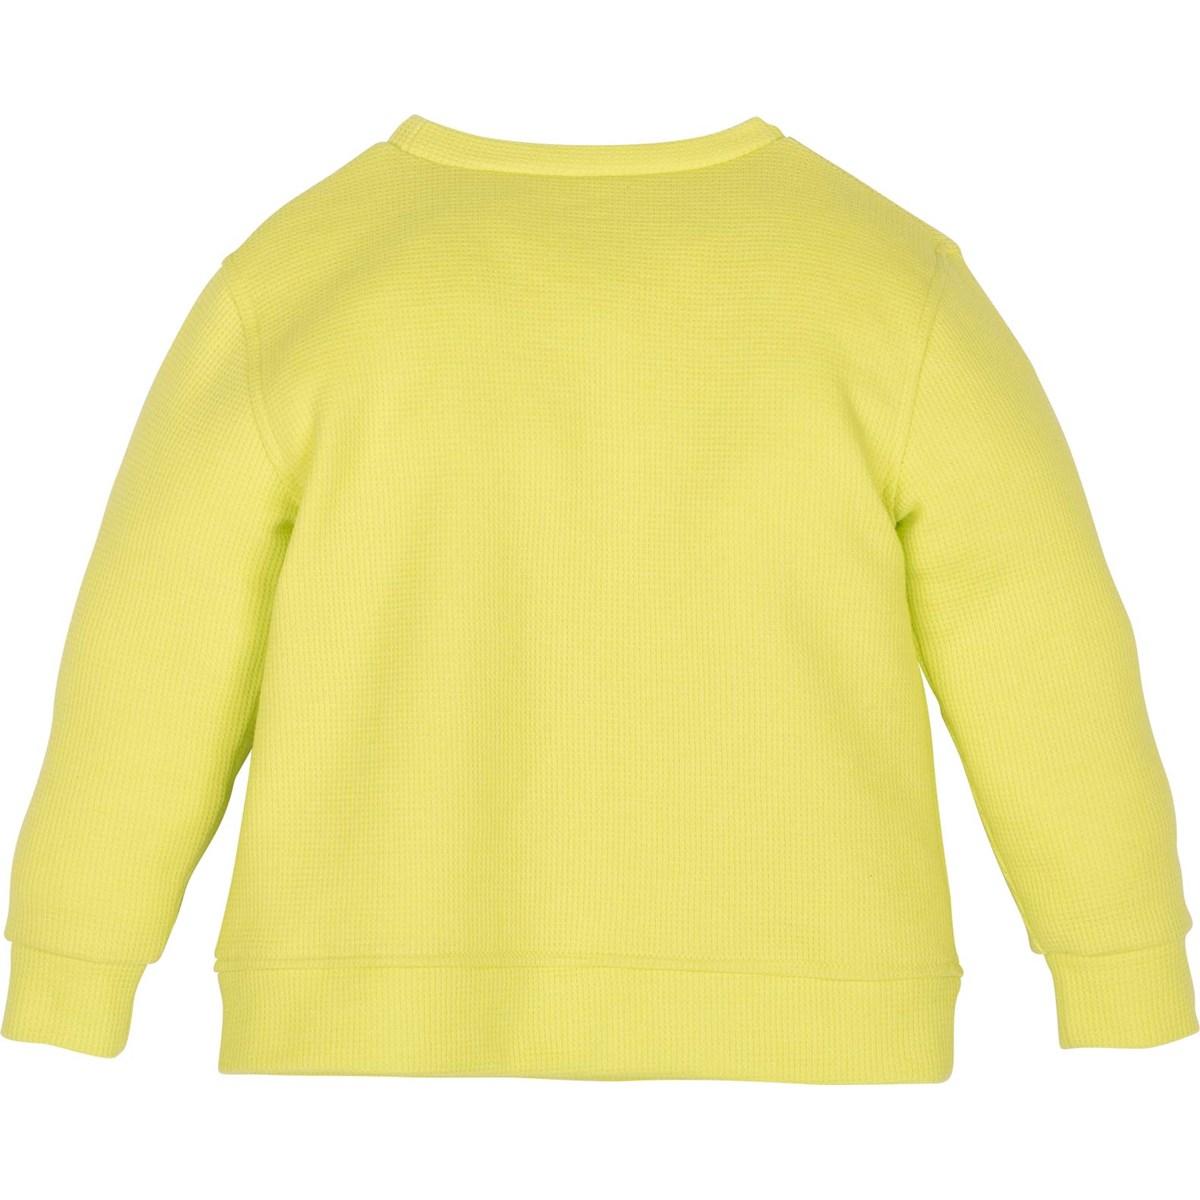 12771 Sweatshirt 2